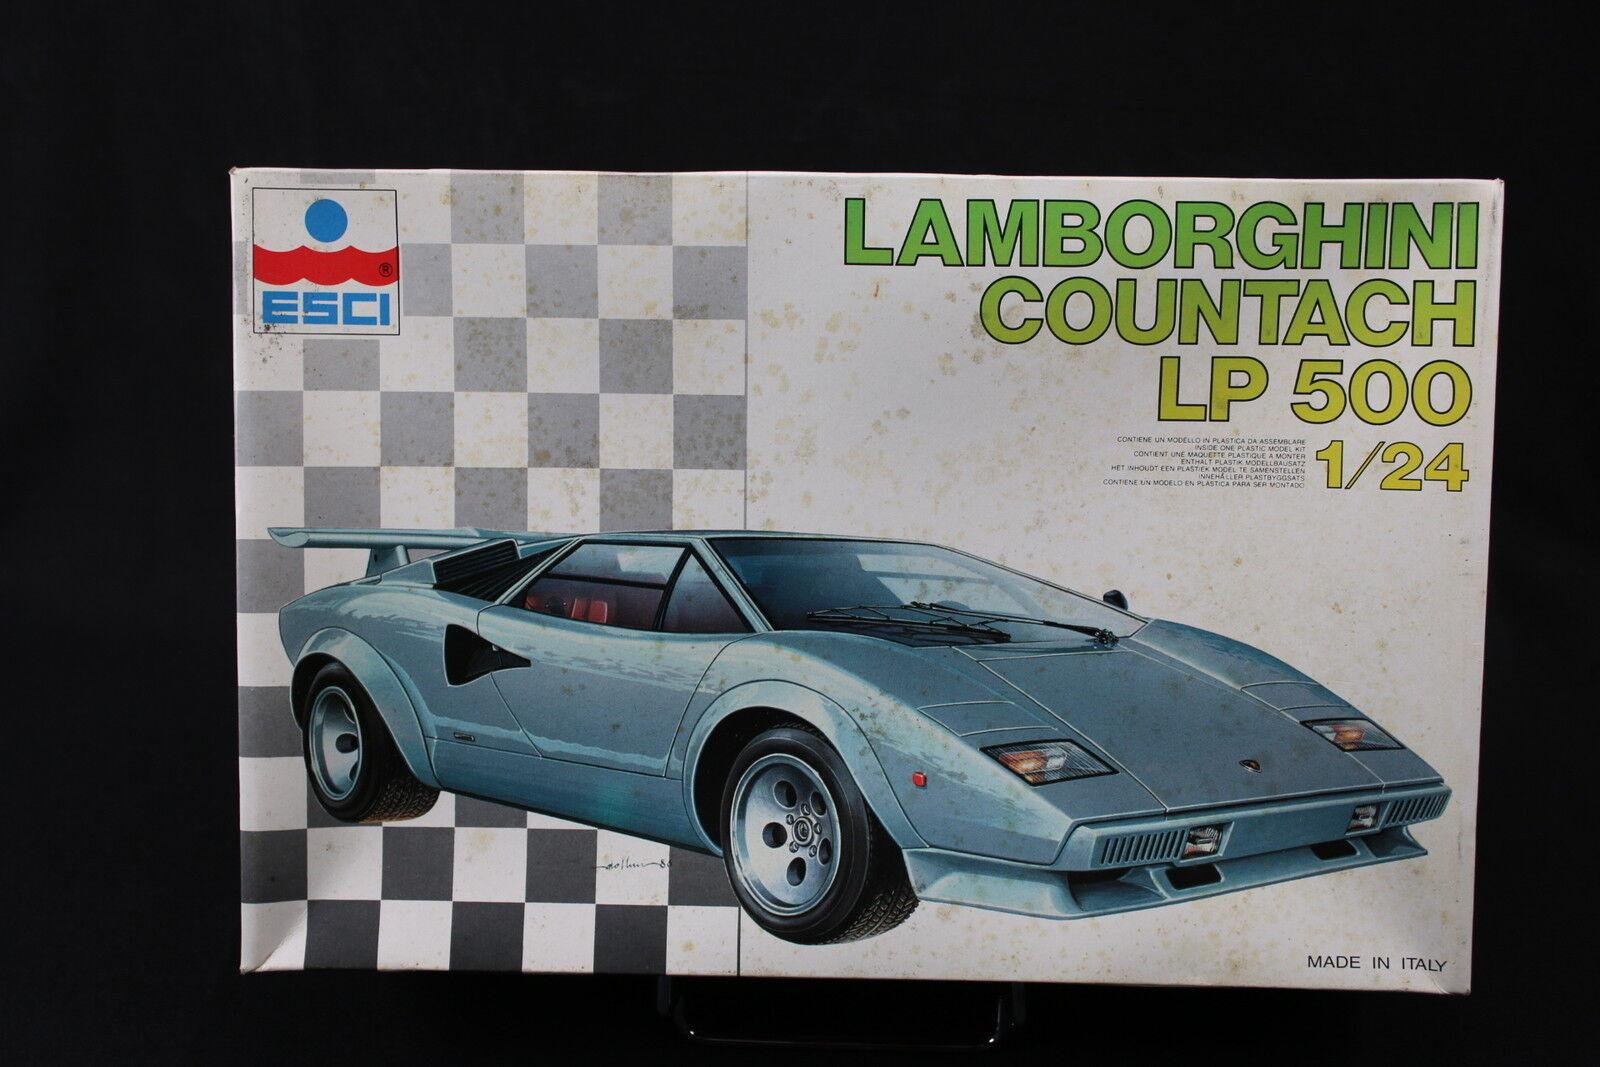 Fuxi double à, viens! YD011 ESCI 1/24 1/24 1/24 maquette voiture 3056 Lamborghini Countach LP500 | Outlet Store  6c265b